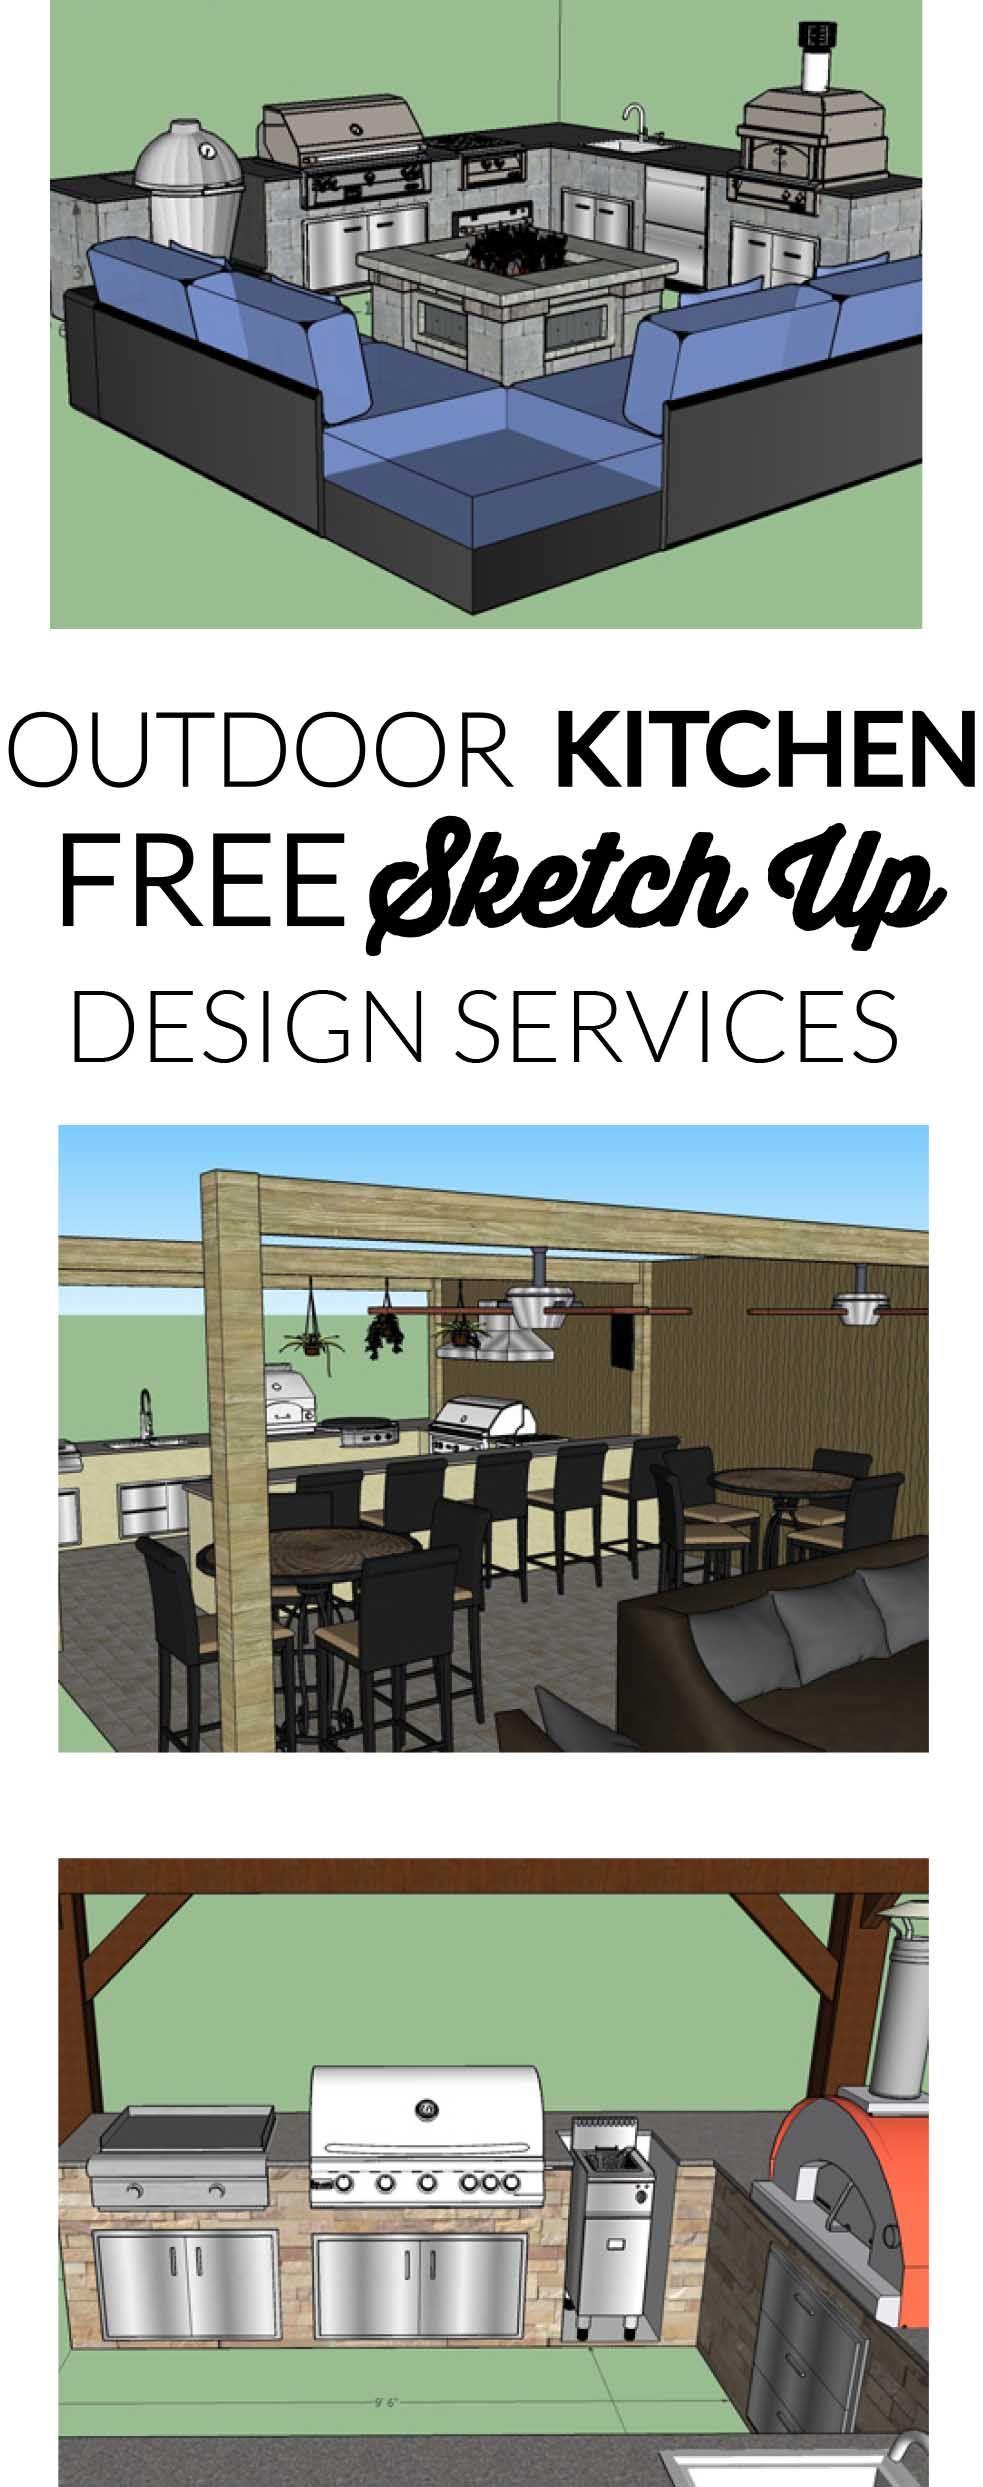 10 Free Outdoor Kitchen Design Services Ideas Diy Outdoor Kitchen Outdoor Kitchen Design Outdoor Kitchen